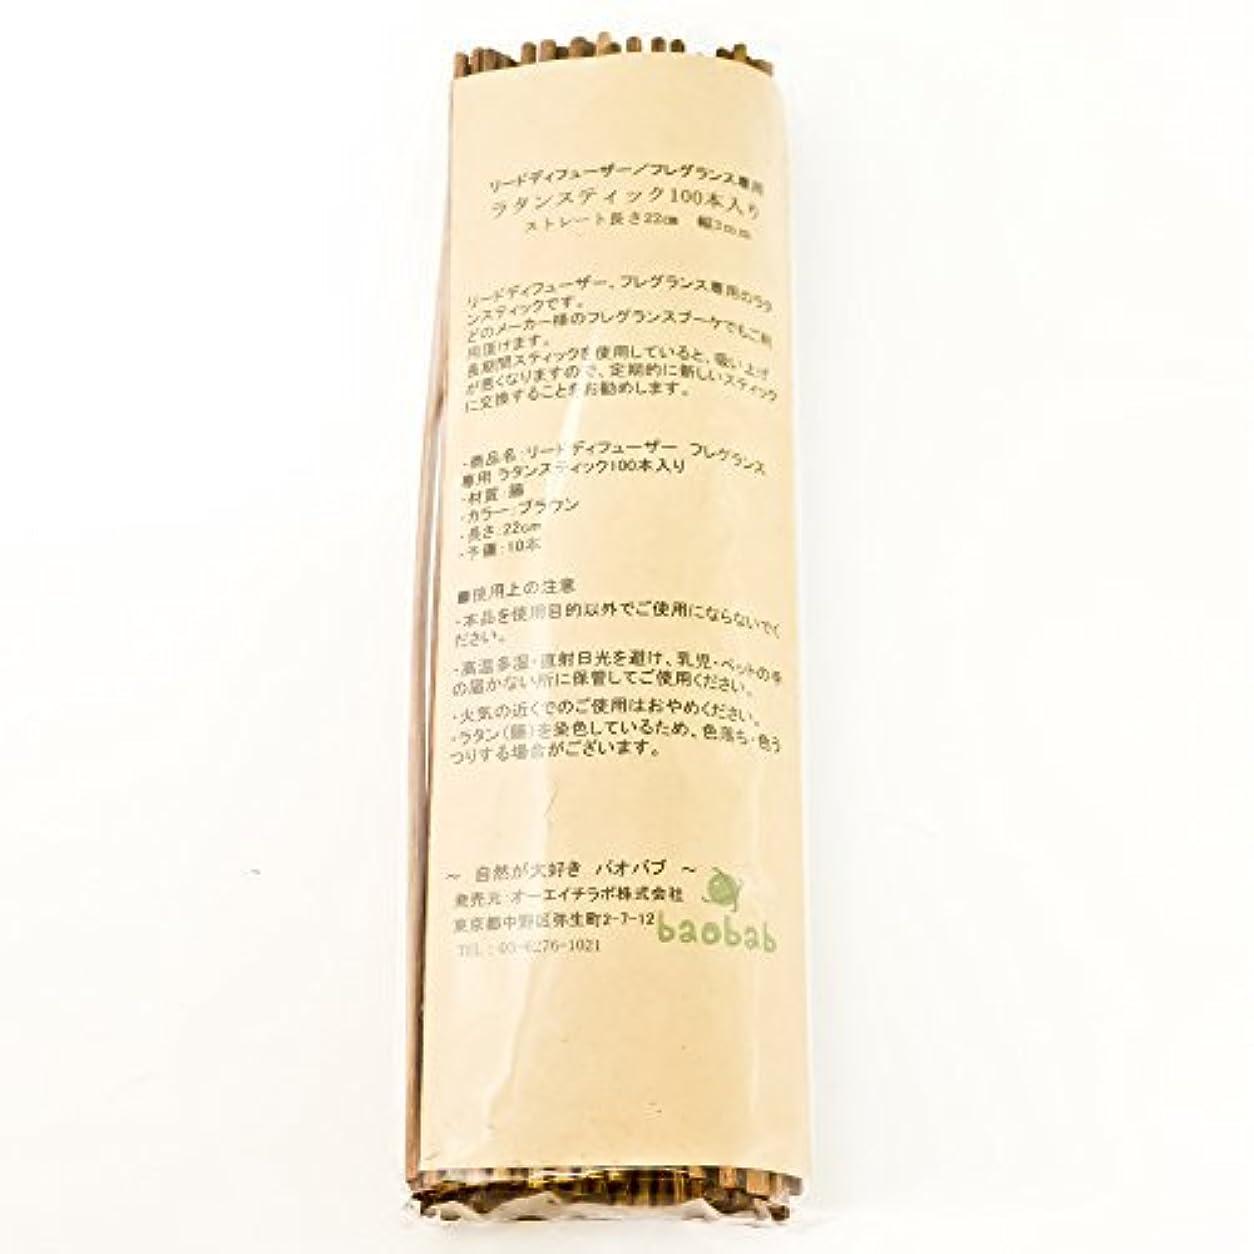 乳製品犯人助手baobab(バオバブ) リードディフューザー用 リードスティック リフィル [ラタン スティック] 22㎝ 100本 (ブラウン)